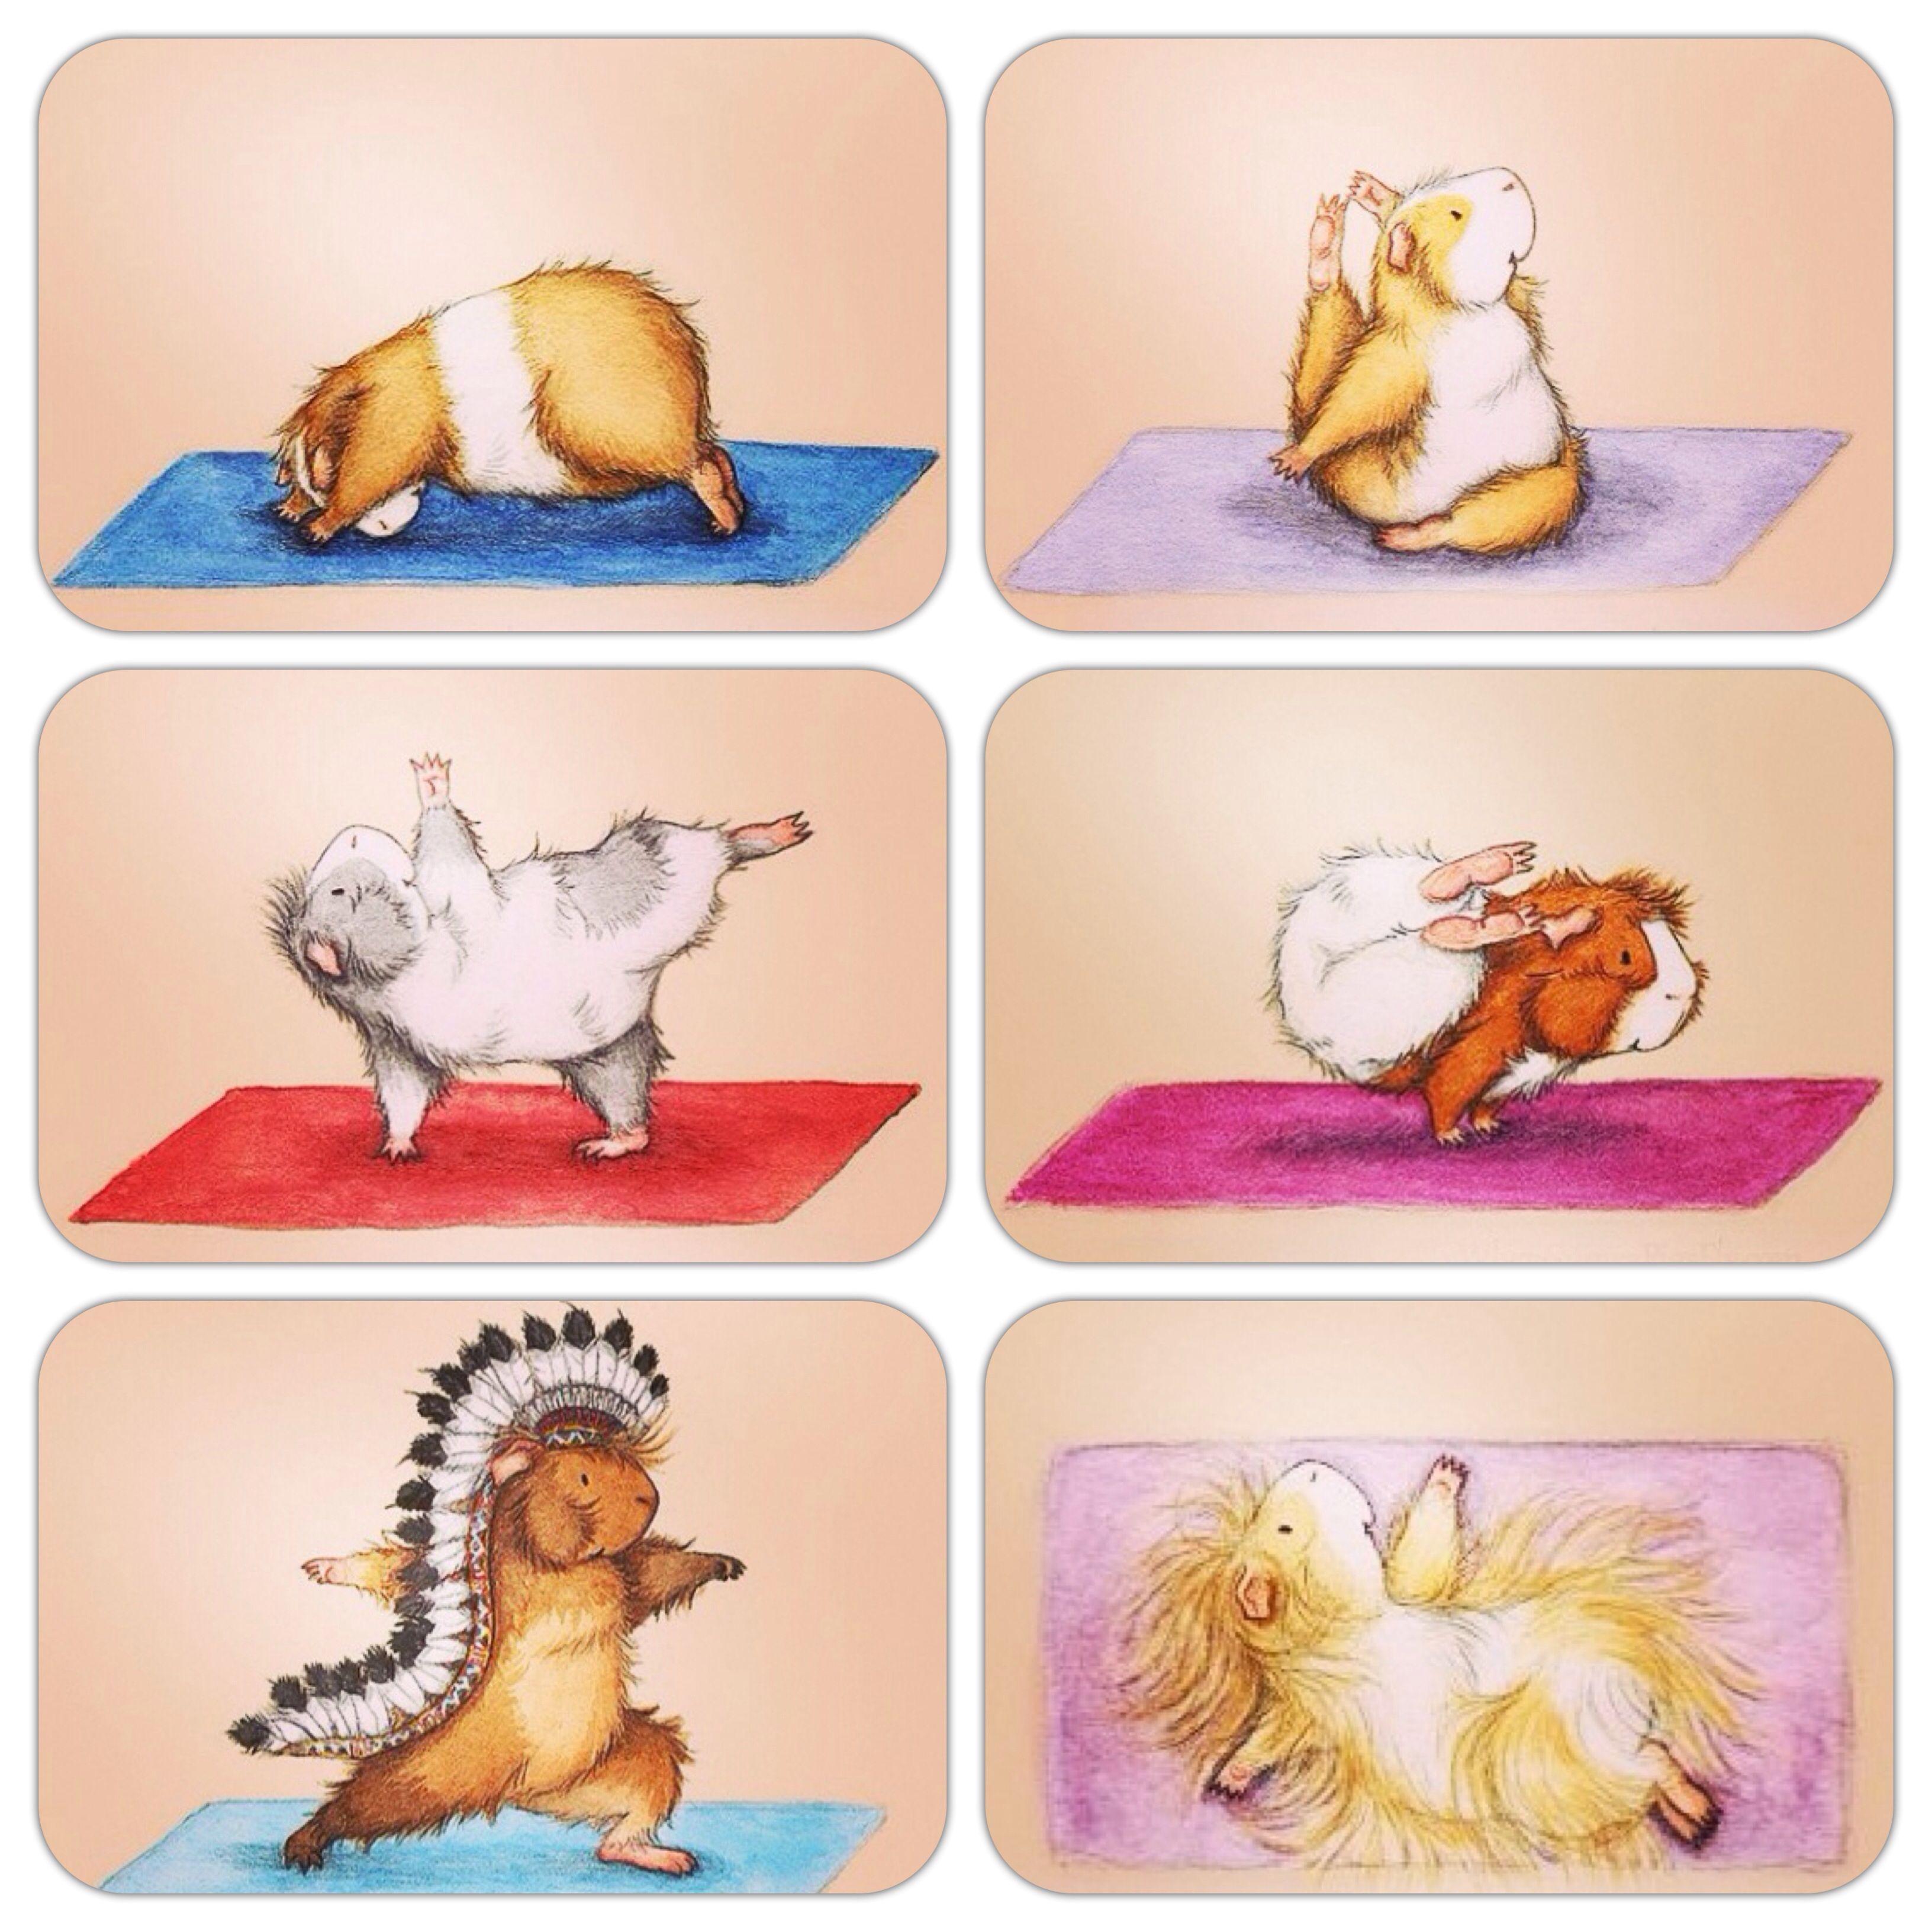 находится центре картинки йога милые гармонично сочетать цвета